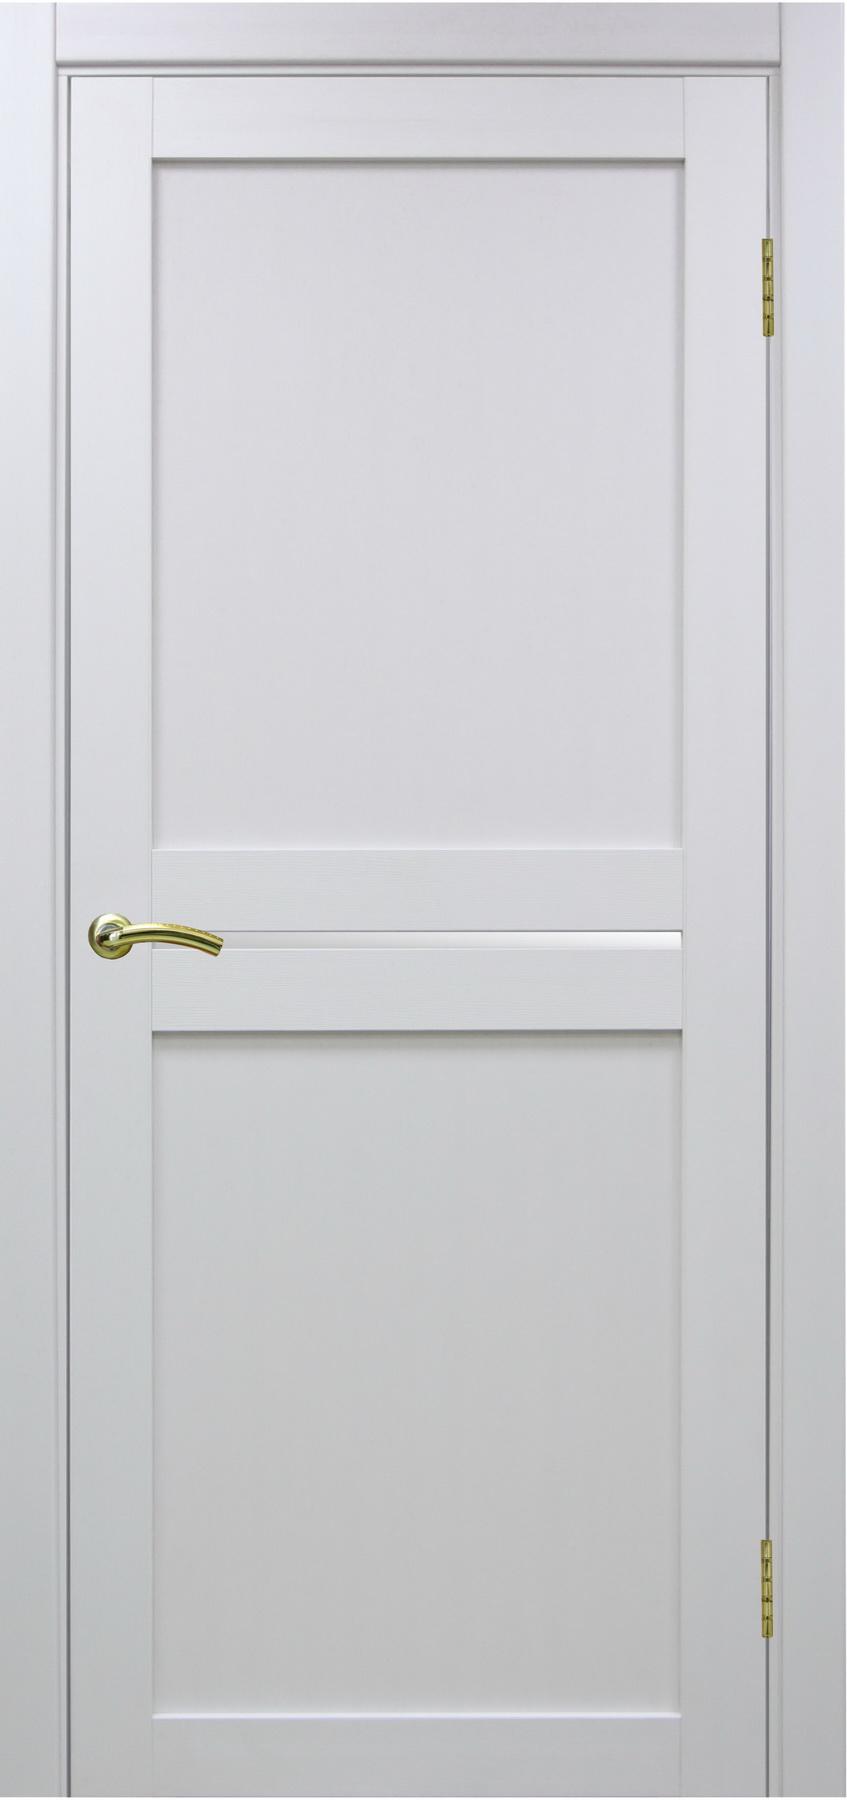 Турин 520 Белый монохром Остекление №121